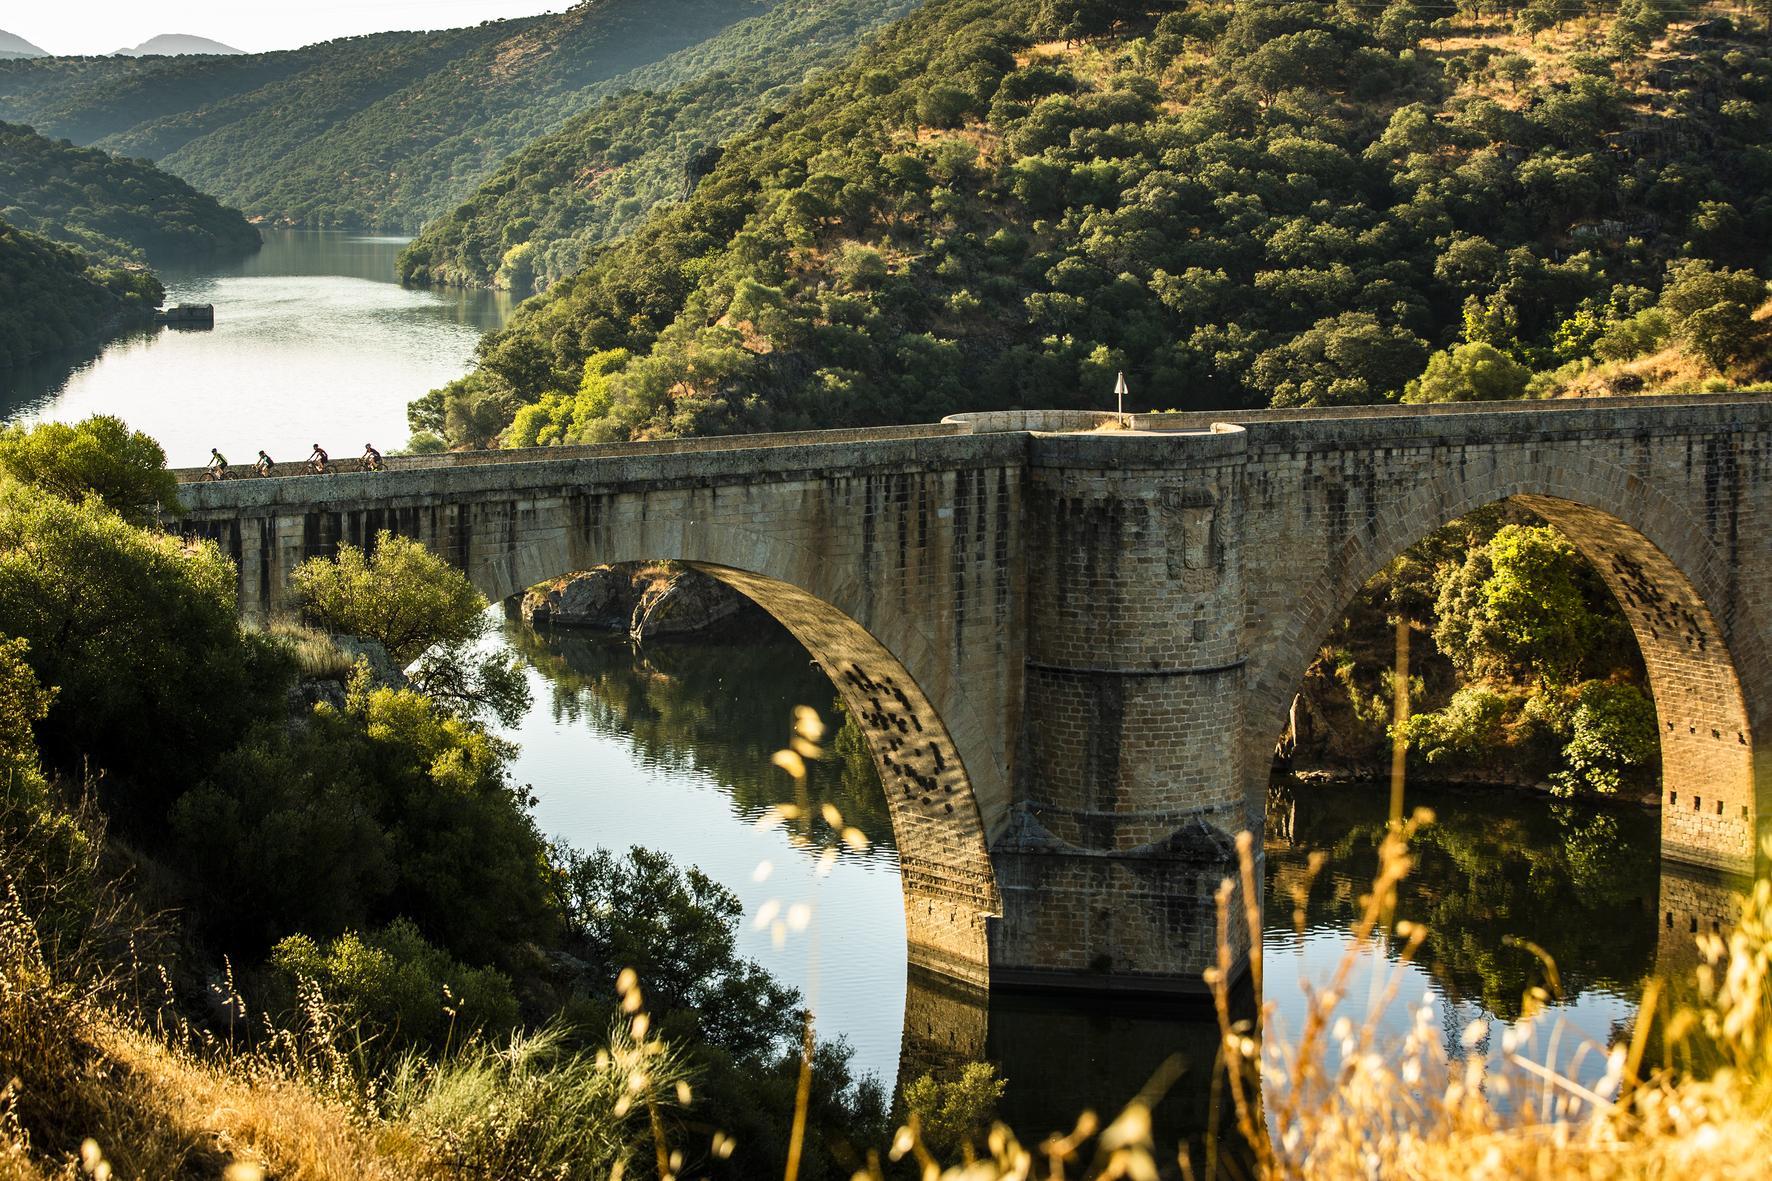 Puente Albalat, en Monfrague, Cáceres